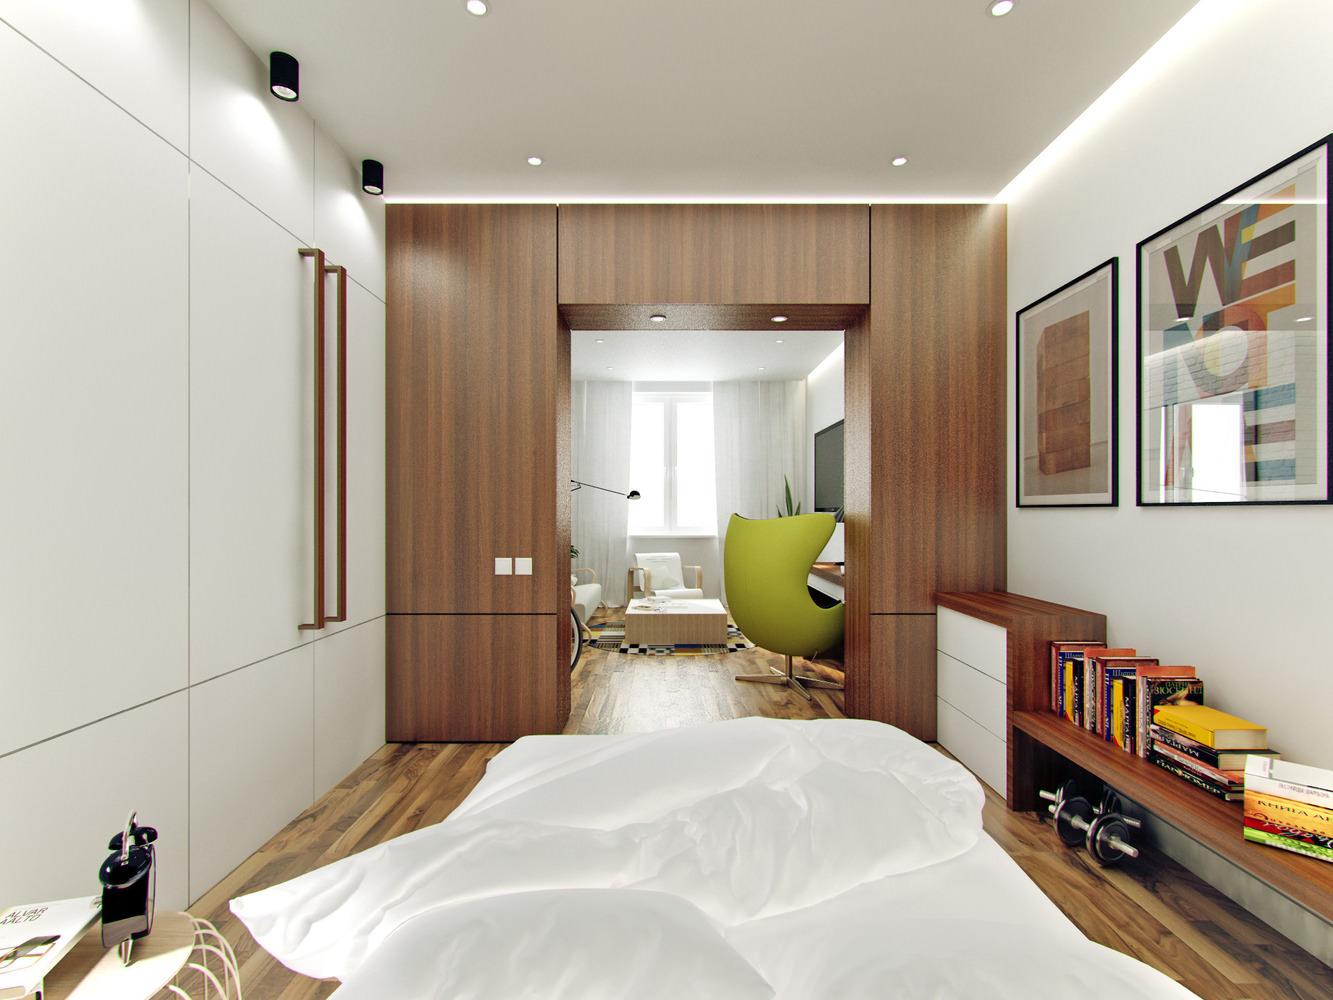 Дизайн интерьера спальни 19 квм